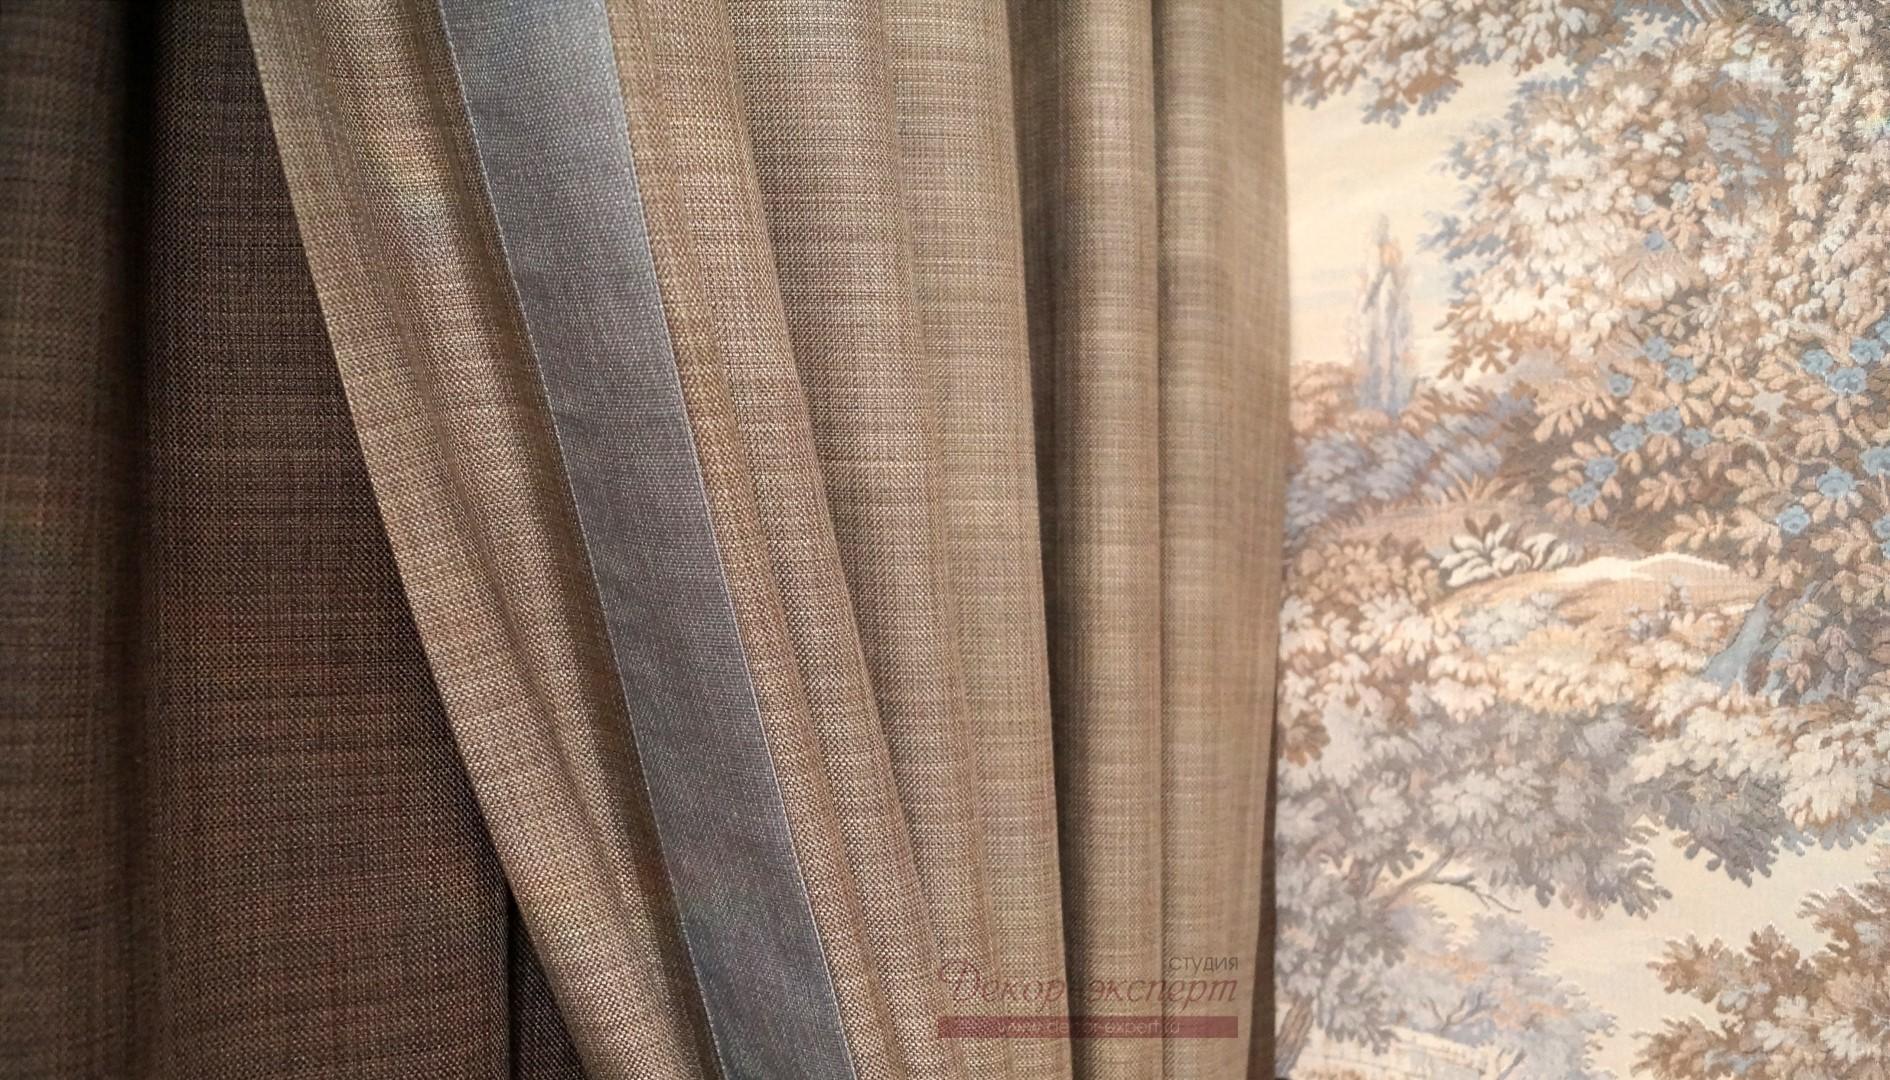 Ткань, имитирующая в своей фактуре шерстяные волокна. Сочетание цвета тканей шторы, канта и подшторника.